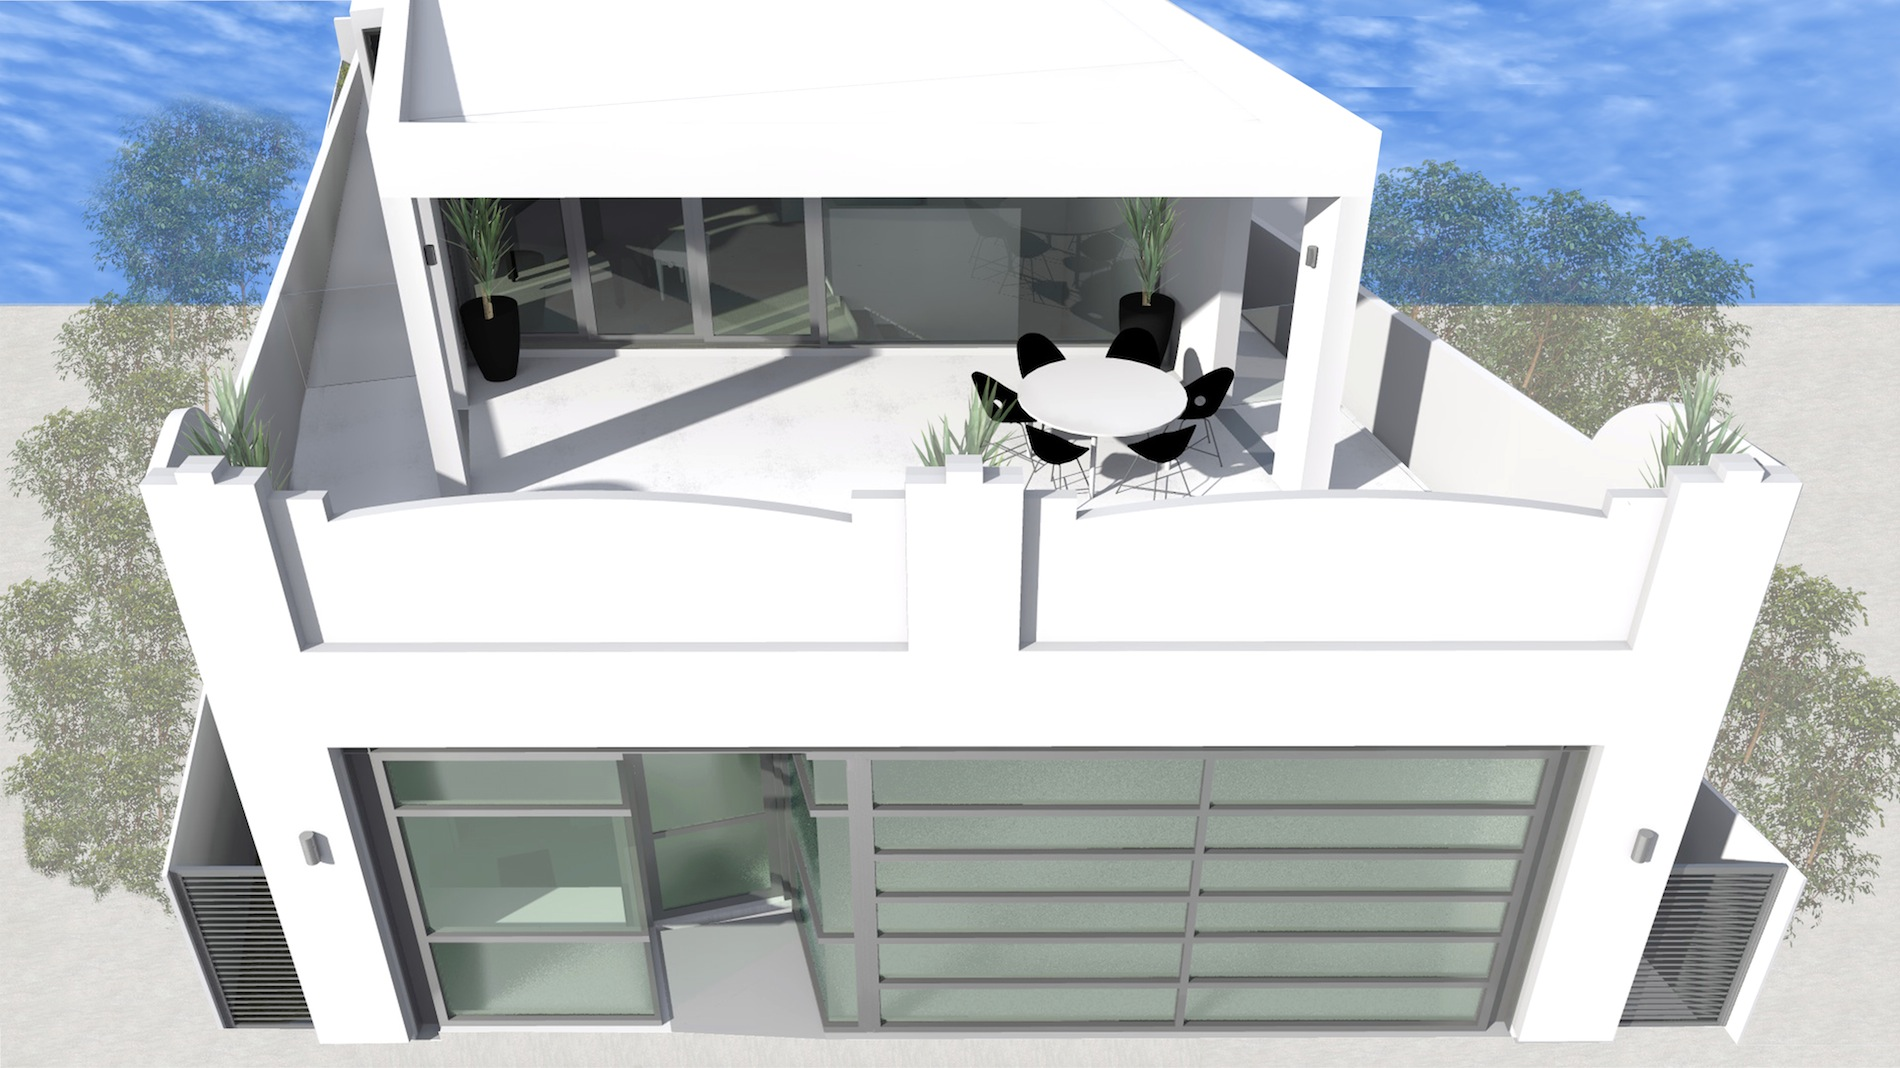 designestate Real Estate Claremont 3